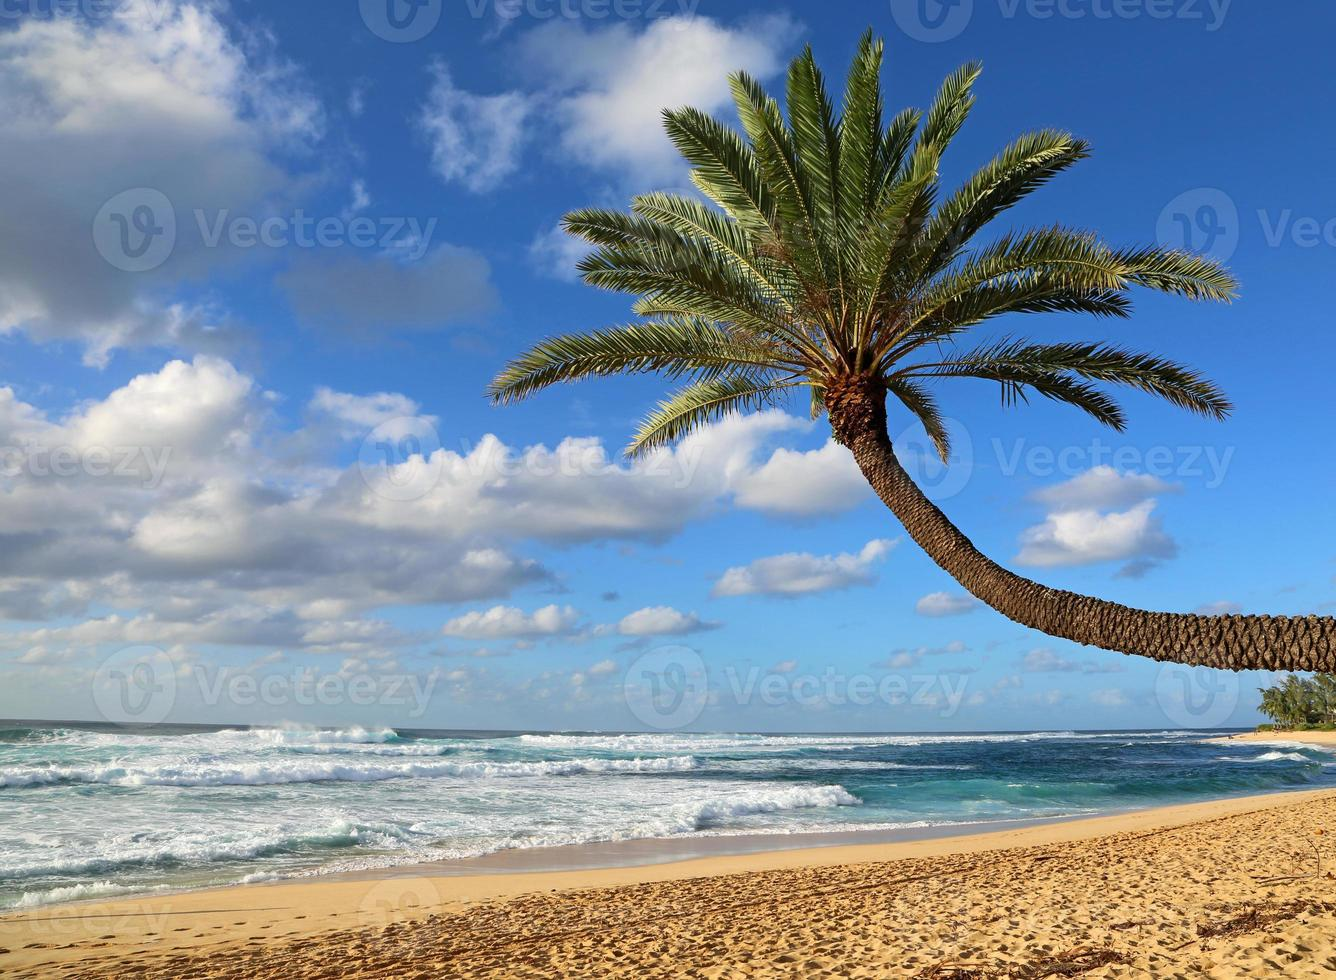 sluttande palmträd på stranden foto